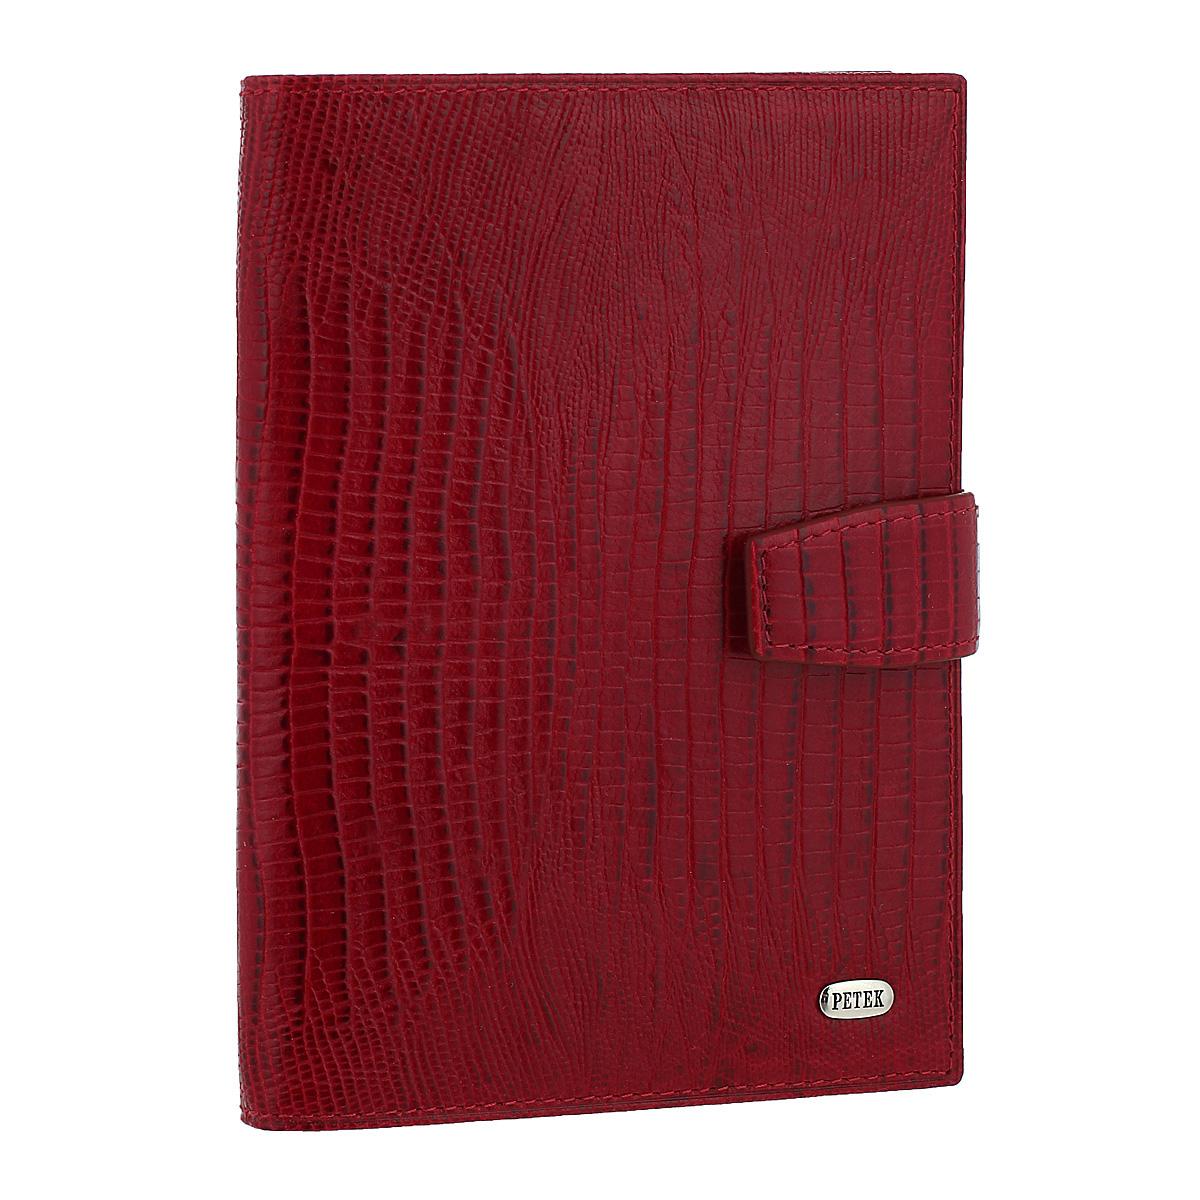 Обложка для автодокументов и паспорта Red, цвет: красный. 595.041.10595.041.10 RedОбложка для автодокументов и паспорта Red не только поможет сохранить внешний вид ваших документов и защитить их от повреждений, но и станет стильным аксессуаром, идеально подходящим вашему образу. Обложка выполнена из натуральной кожи с декоративным тиснением под крокодила. На внутреннем развороте имеются два прозрачных кармана, съемный блок из шести прозрачных файлов из мягкого пластика, один из которых формата А5 и два вертикальных кармана. Обложка закрывается хлястиком на кнопку.Упакована в фирменную картонную коробку. Такая обложка станет замечательным подарком человеку, ценящему качественные и практичные вещи. Характеристики:Материал:натуральная кожа, металл, текстиль, пластик. Размер обложки (в сложенном виде): 10,5 см х 13,5 см х 1,5 см. Цвет: красный. Размер упаковки: 11,5 см х 15 см х 2,5 см. Артикул: 595.041.10.